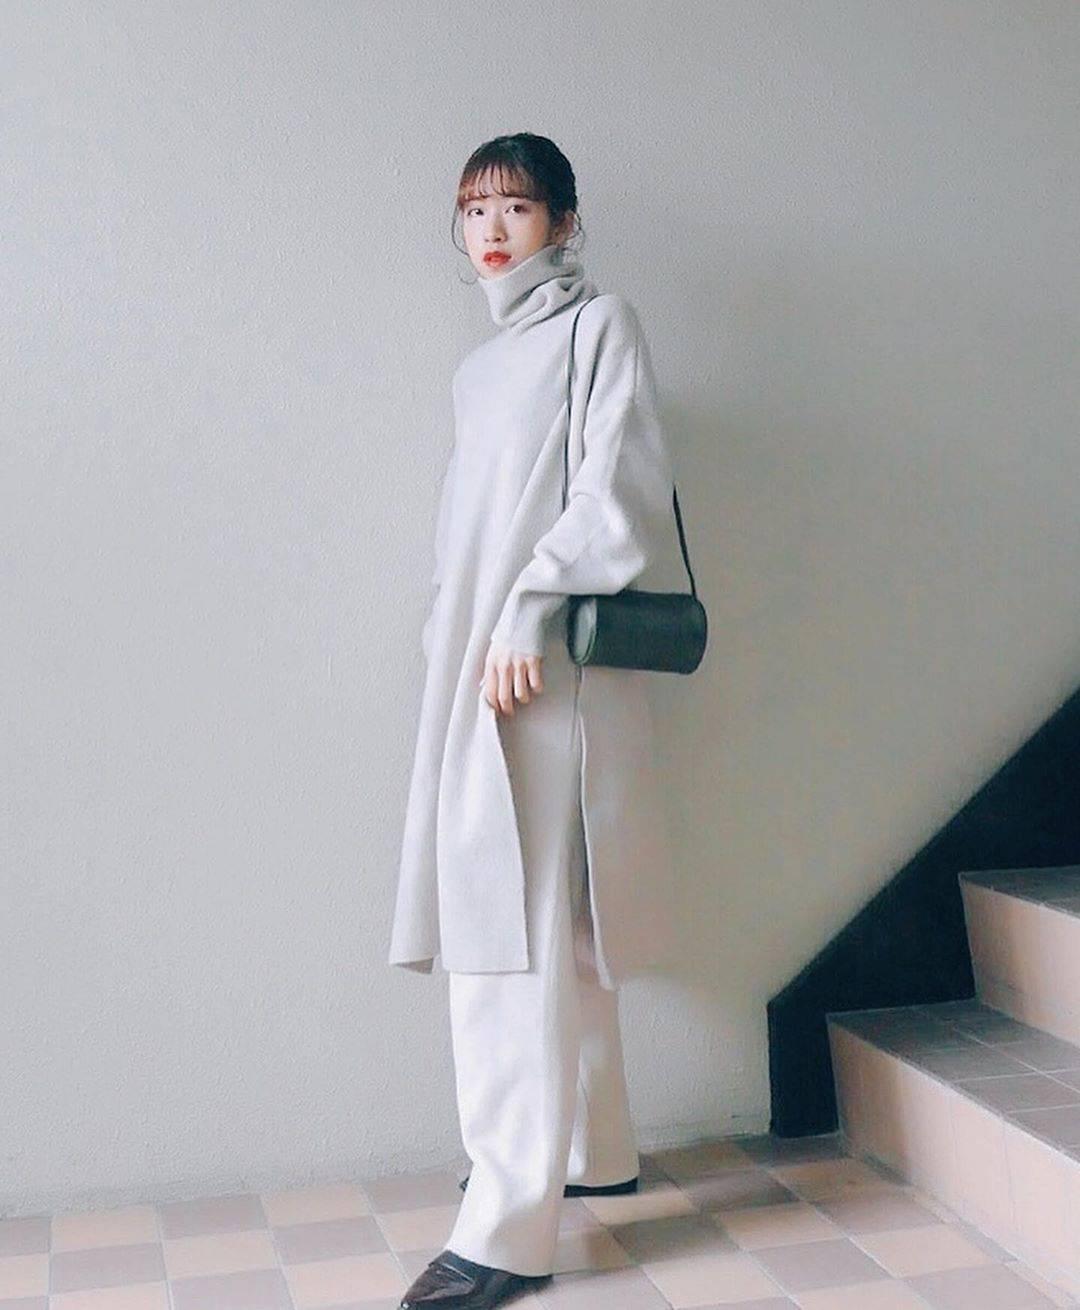 最高気温9度・最低気温5度 natsu_outfitsの服装